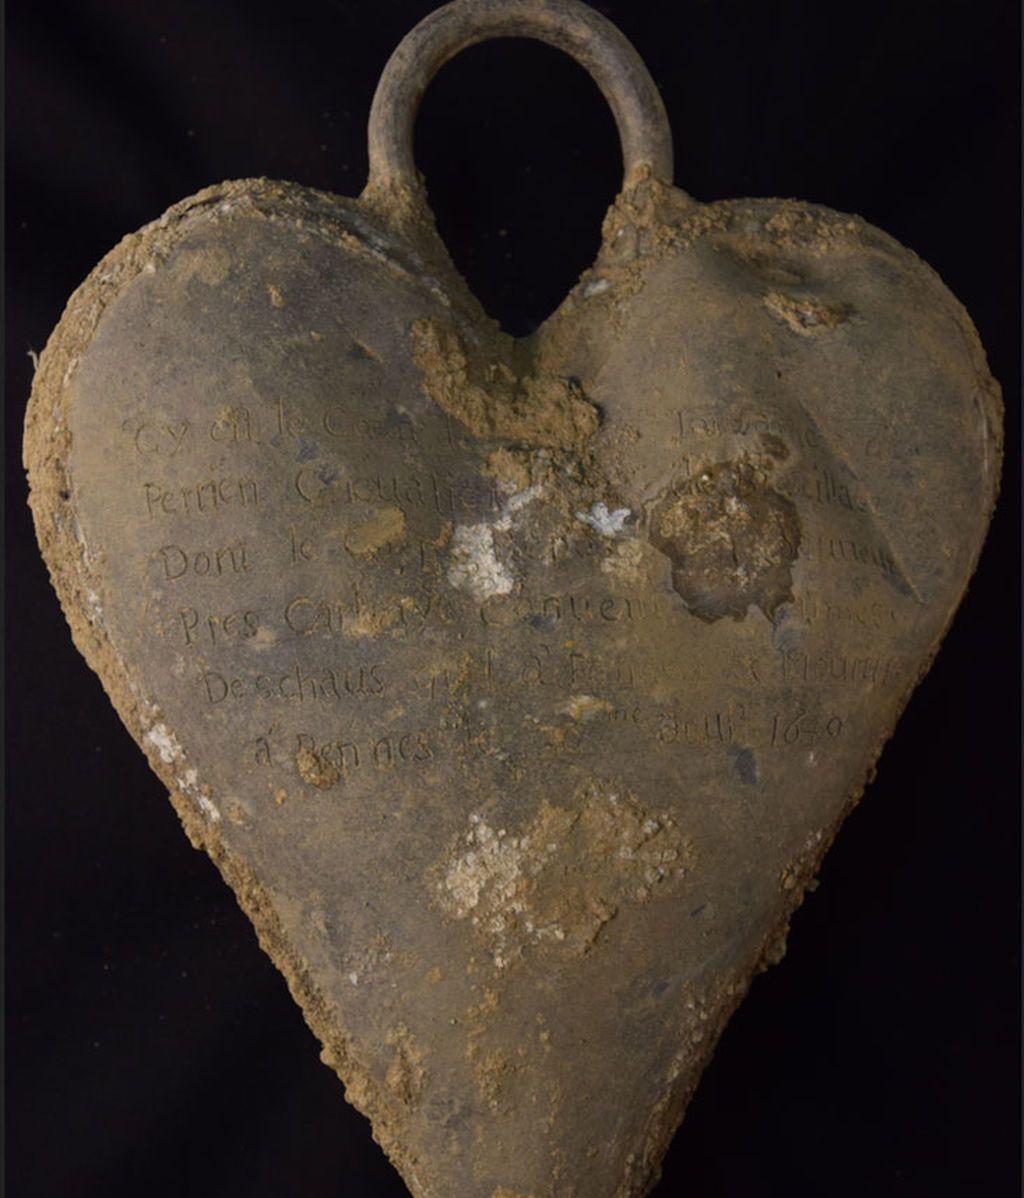 Relicario para el corazón de Toussaint de Perrien